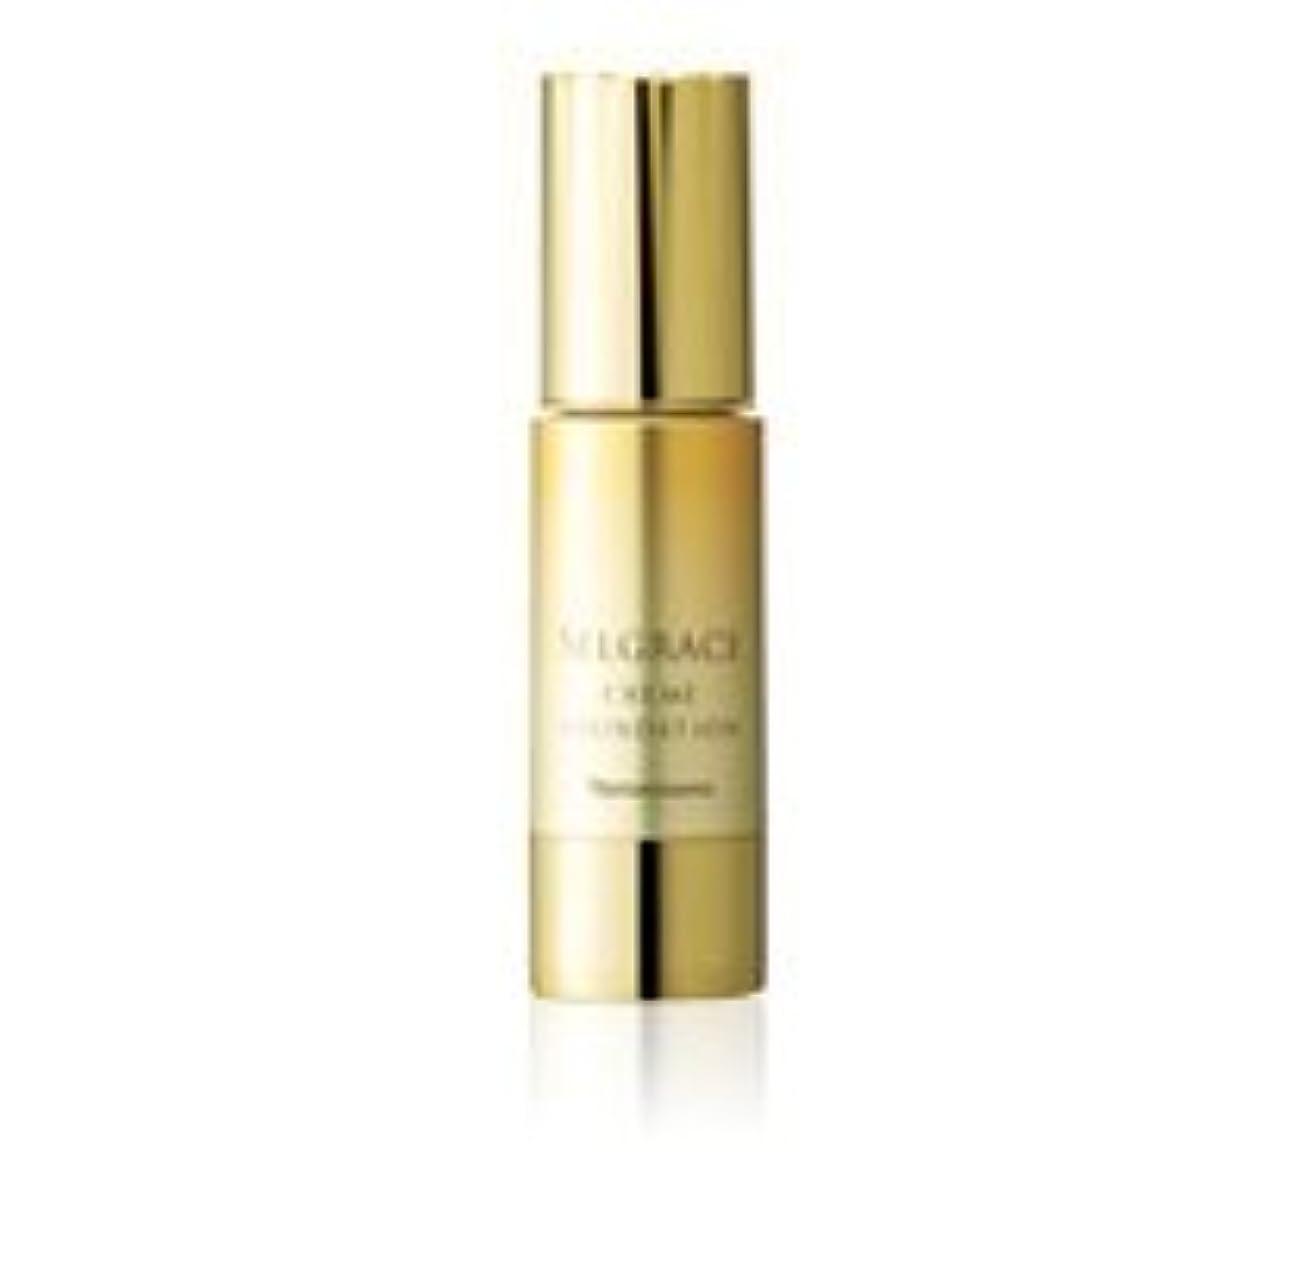 減少個性エントリナリス化粧品セルグレース リアリジョン クリームファンデーション30g[SPF20 PA++]130